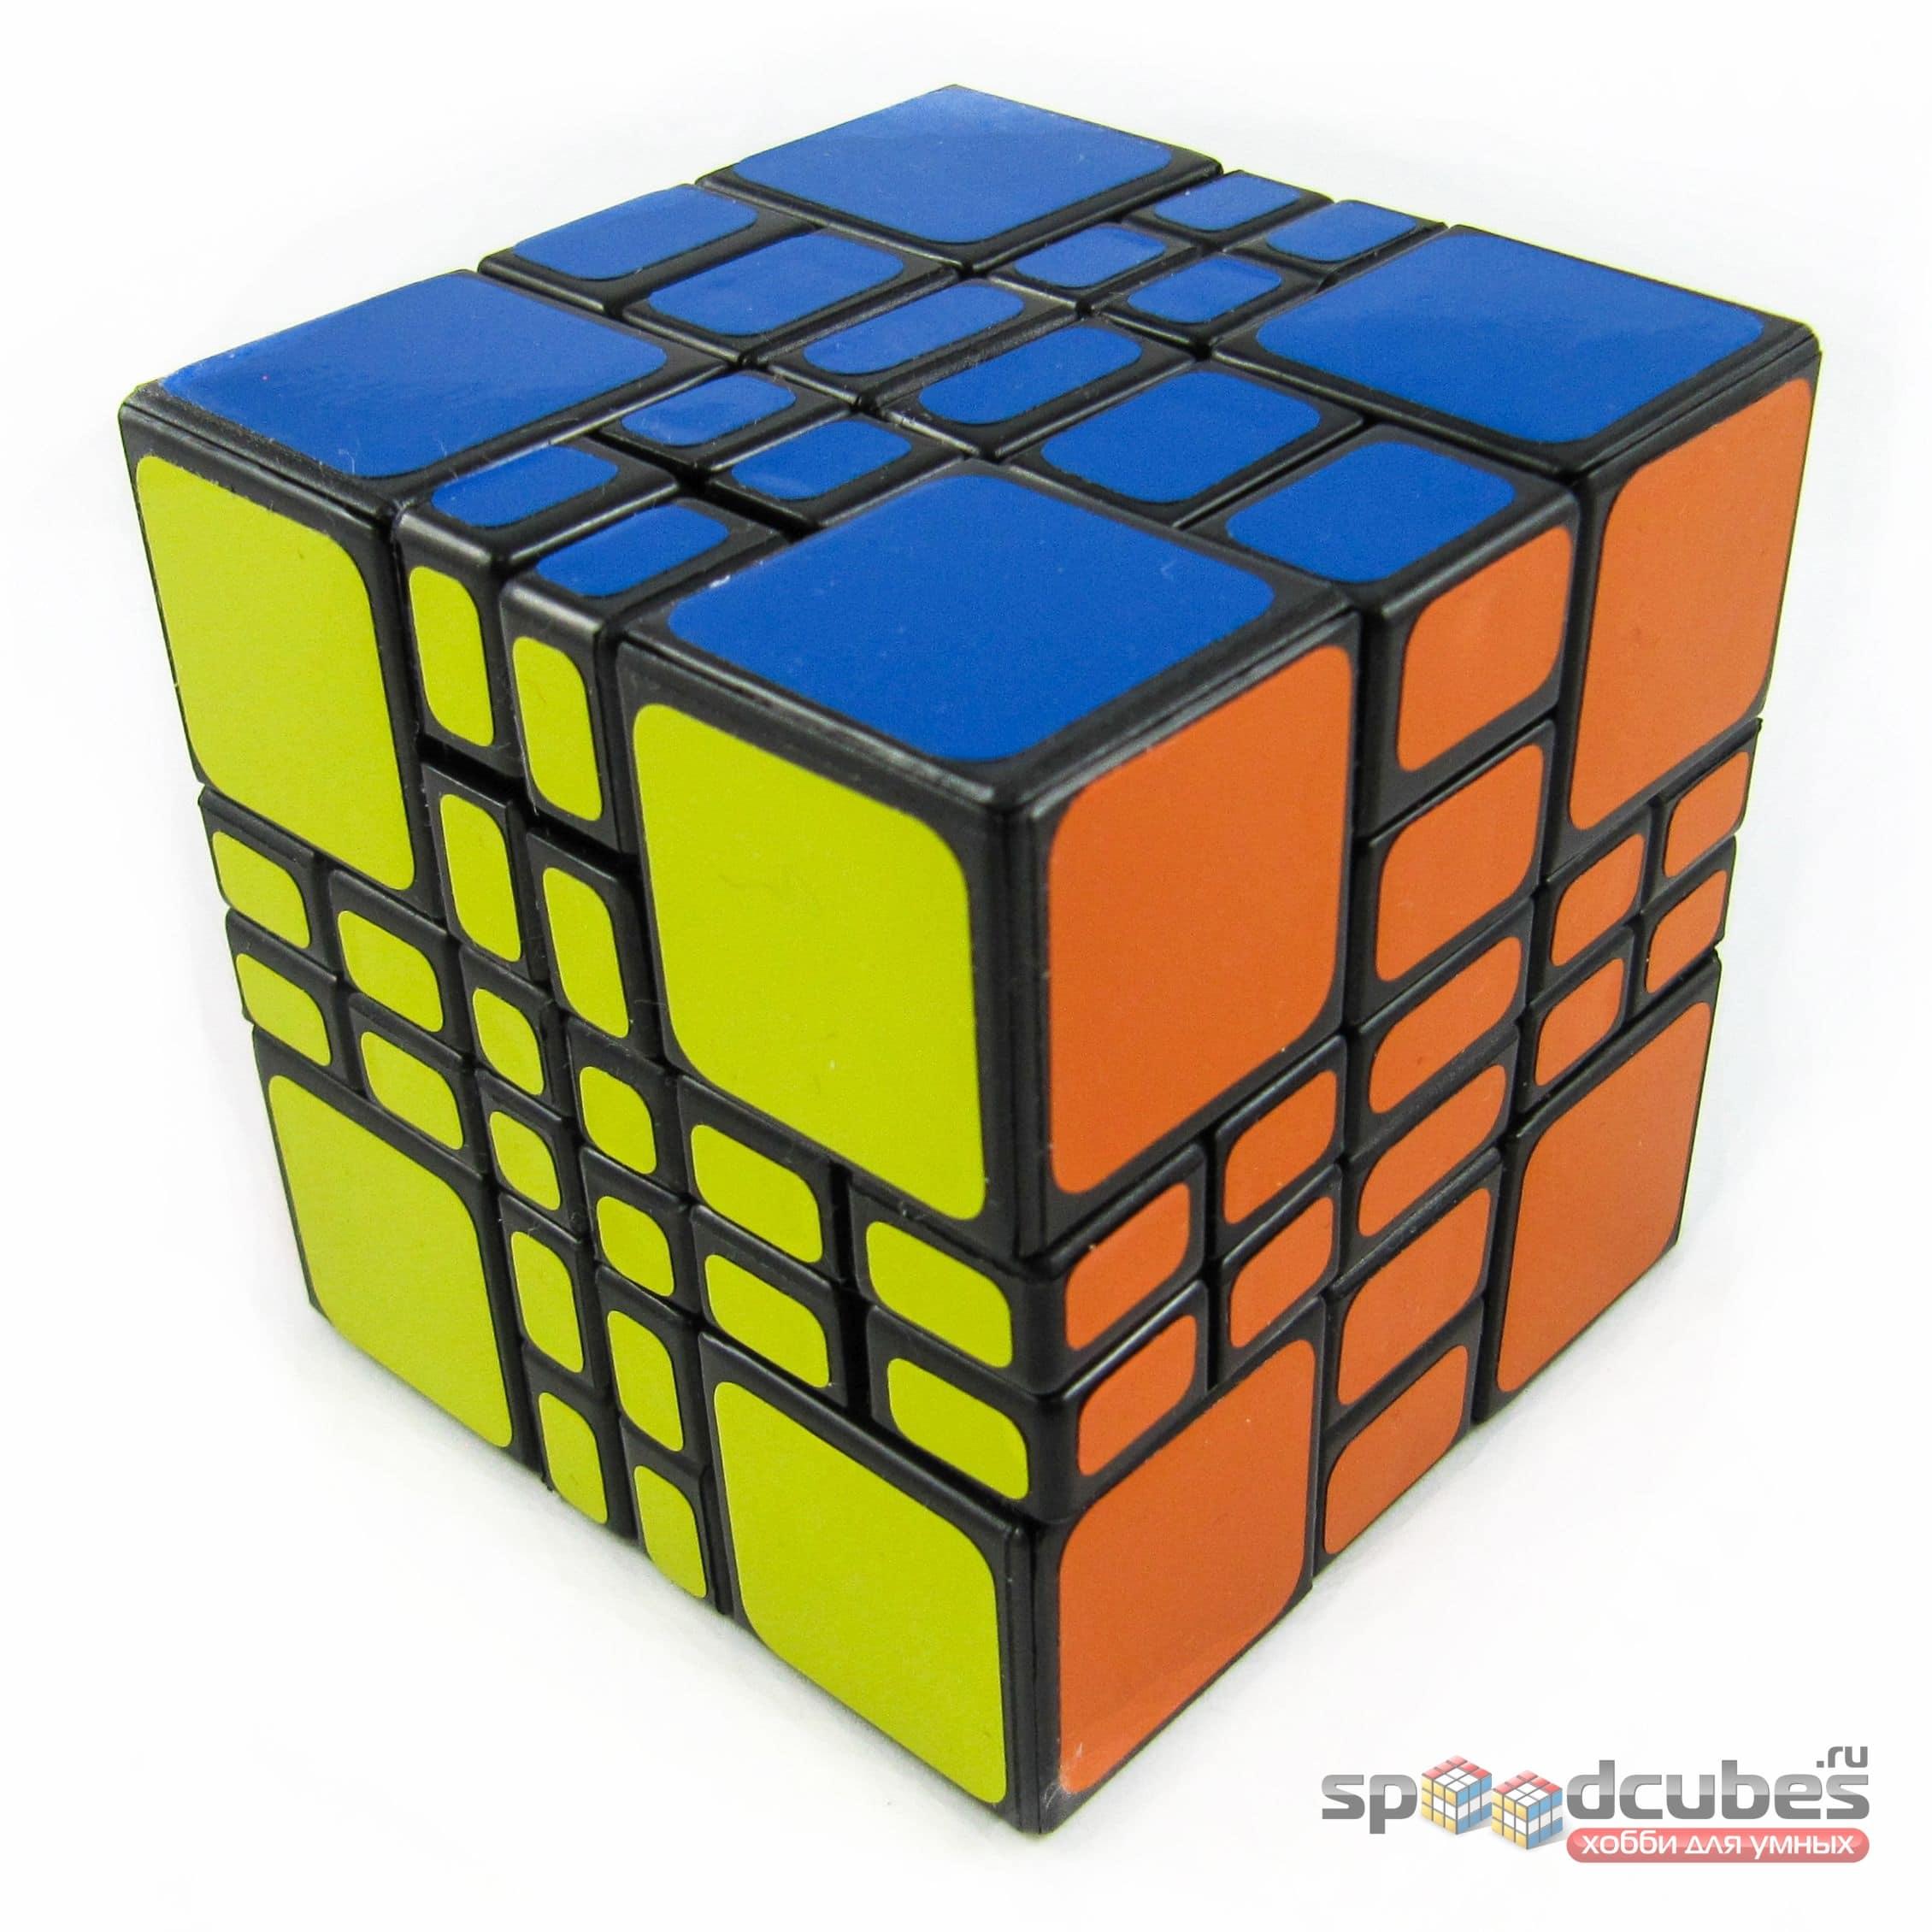 WitEden Mixup Plus 4x4x3